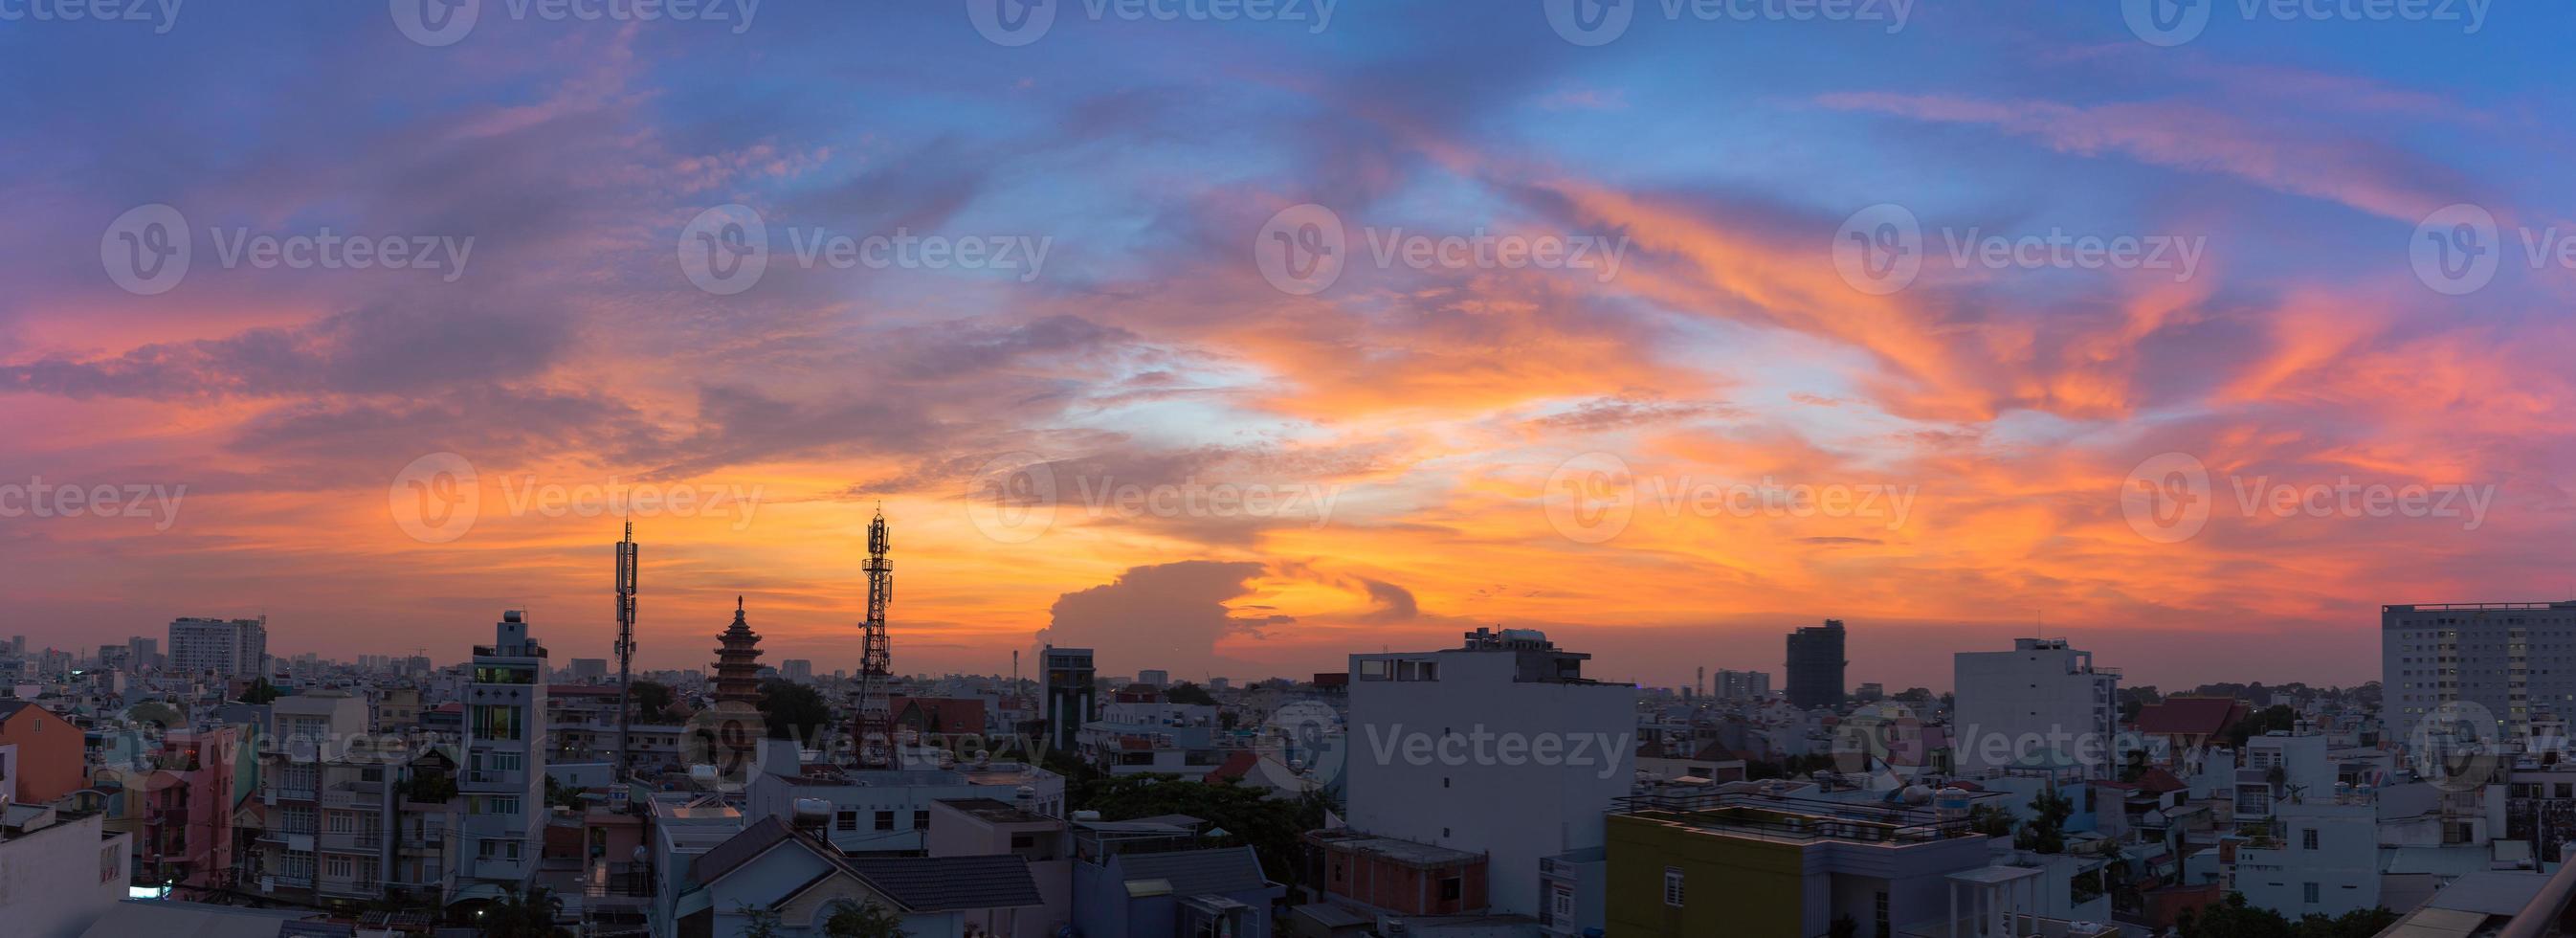 solnedgång i staden foto